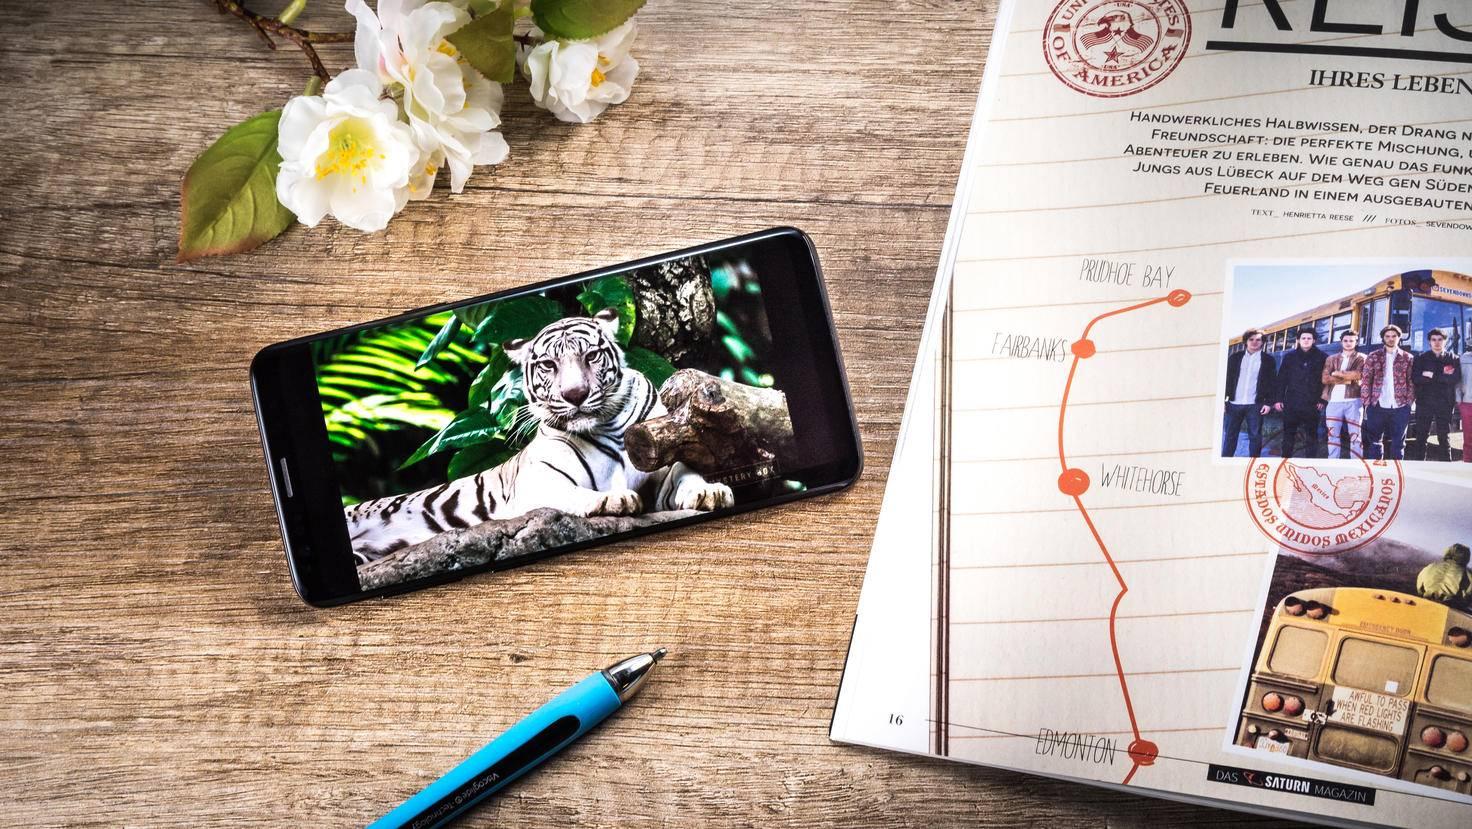 HDR-Videos sehen auf dem Galaxy S9 atemberaubend aus.